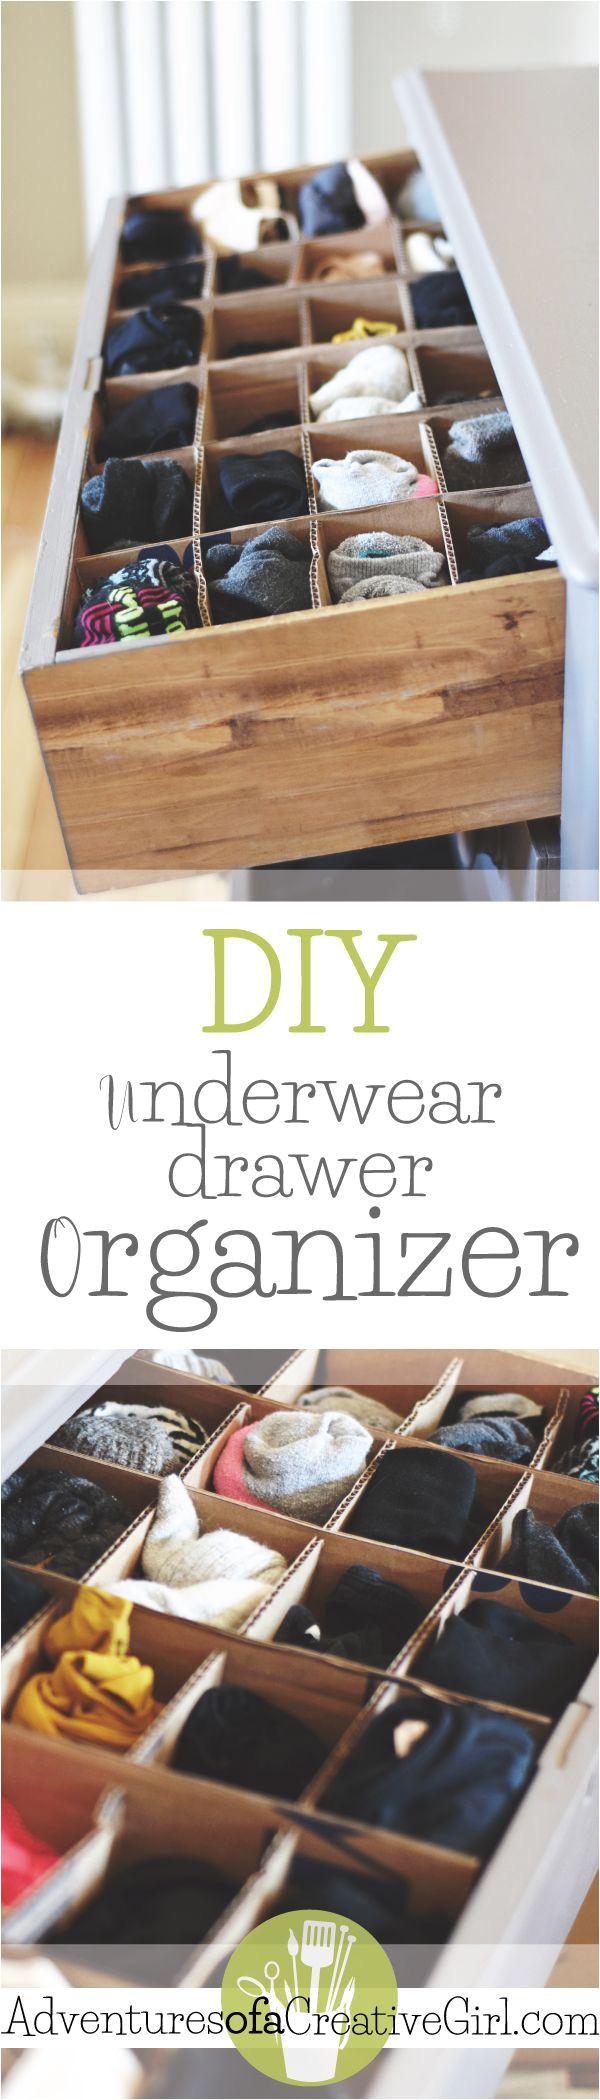 Diy Underwear Drawer organizer Underwear Drawer organizer Diy organization Pinterest Domov